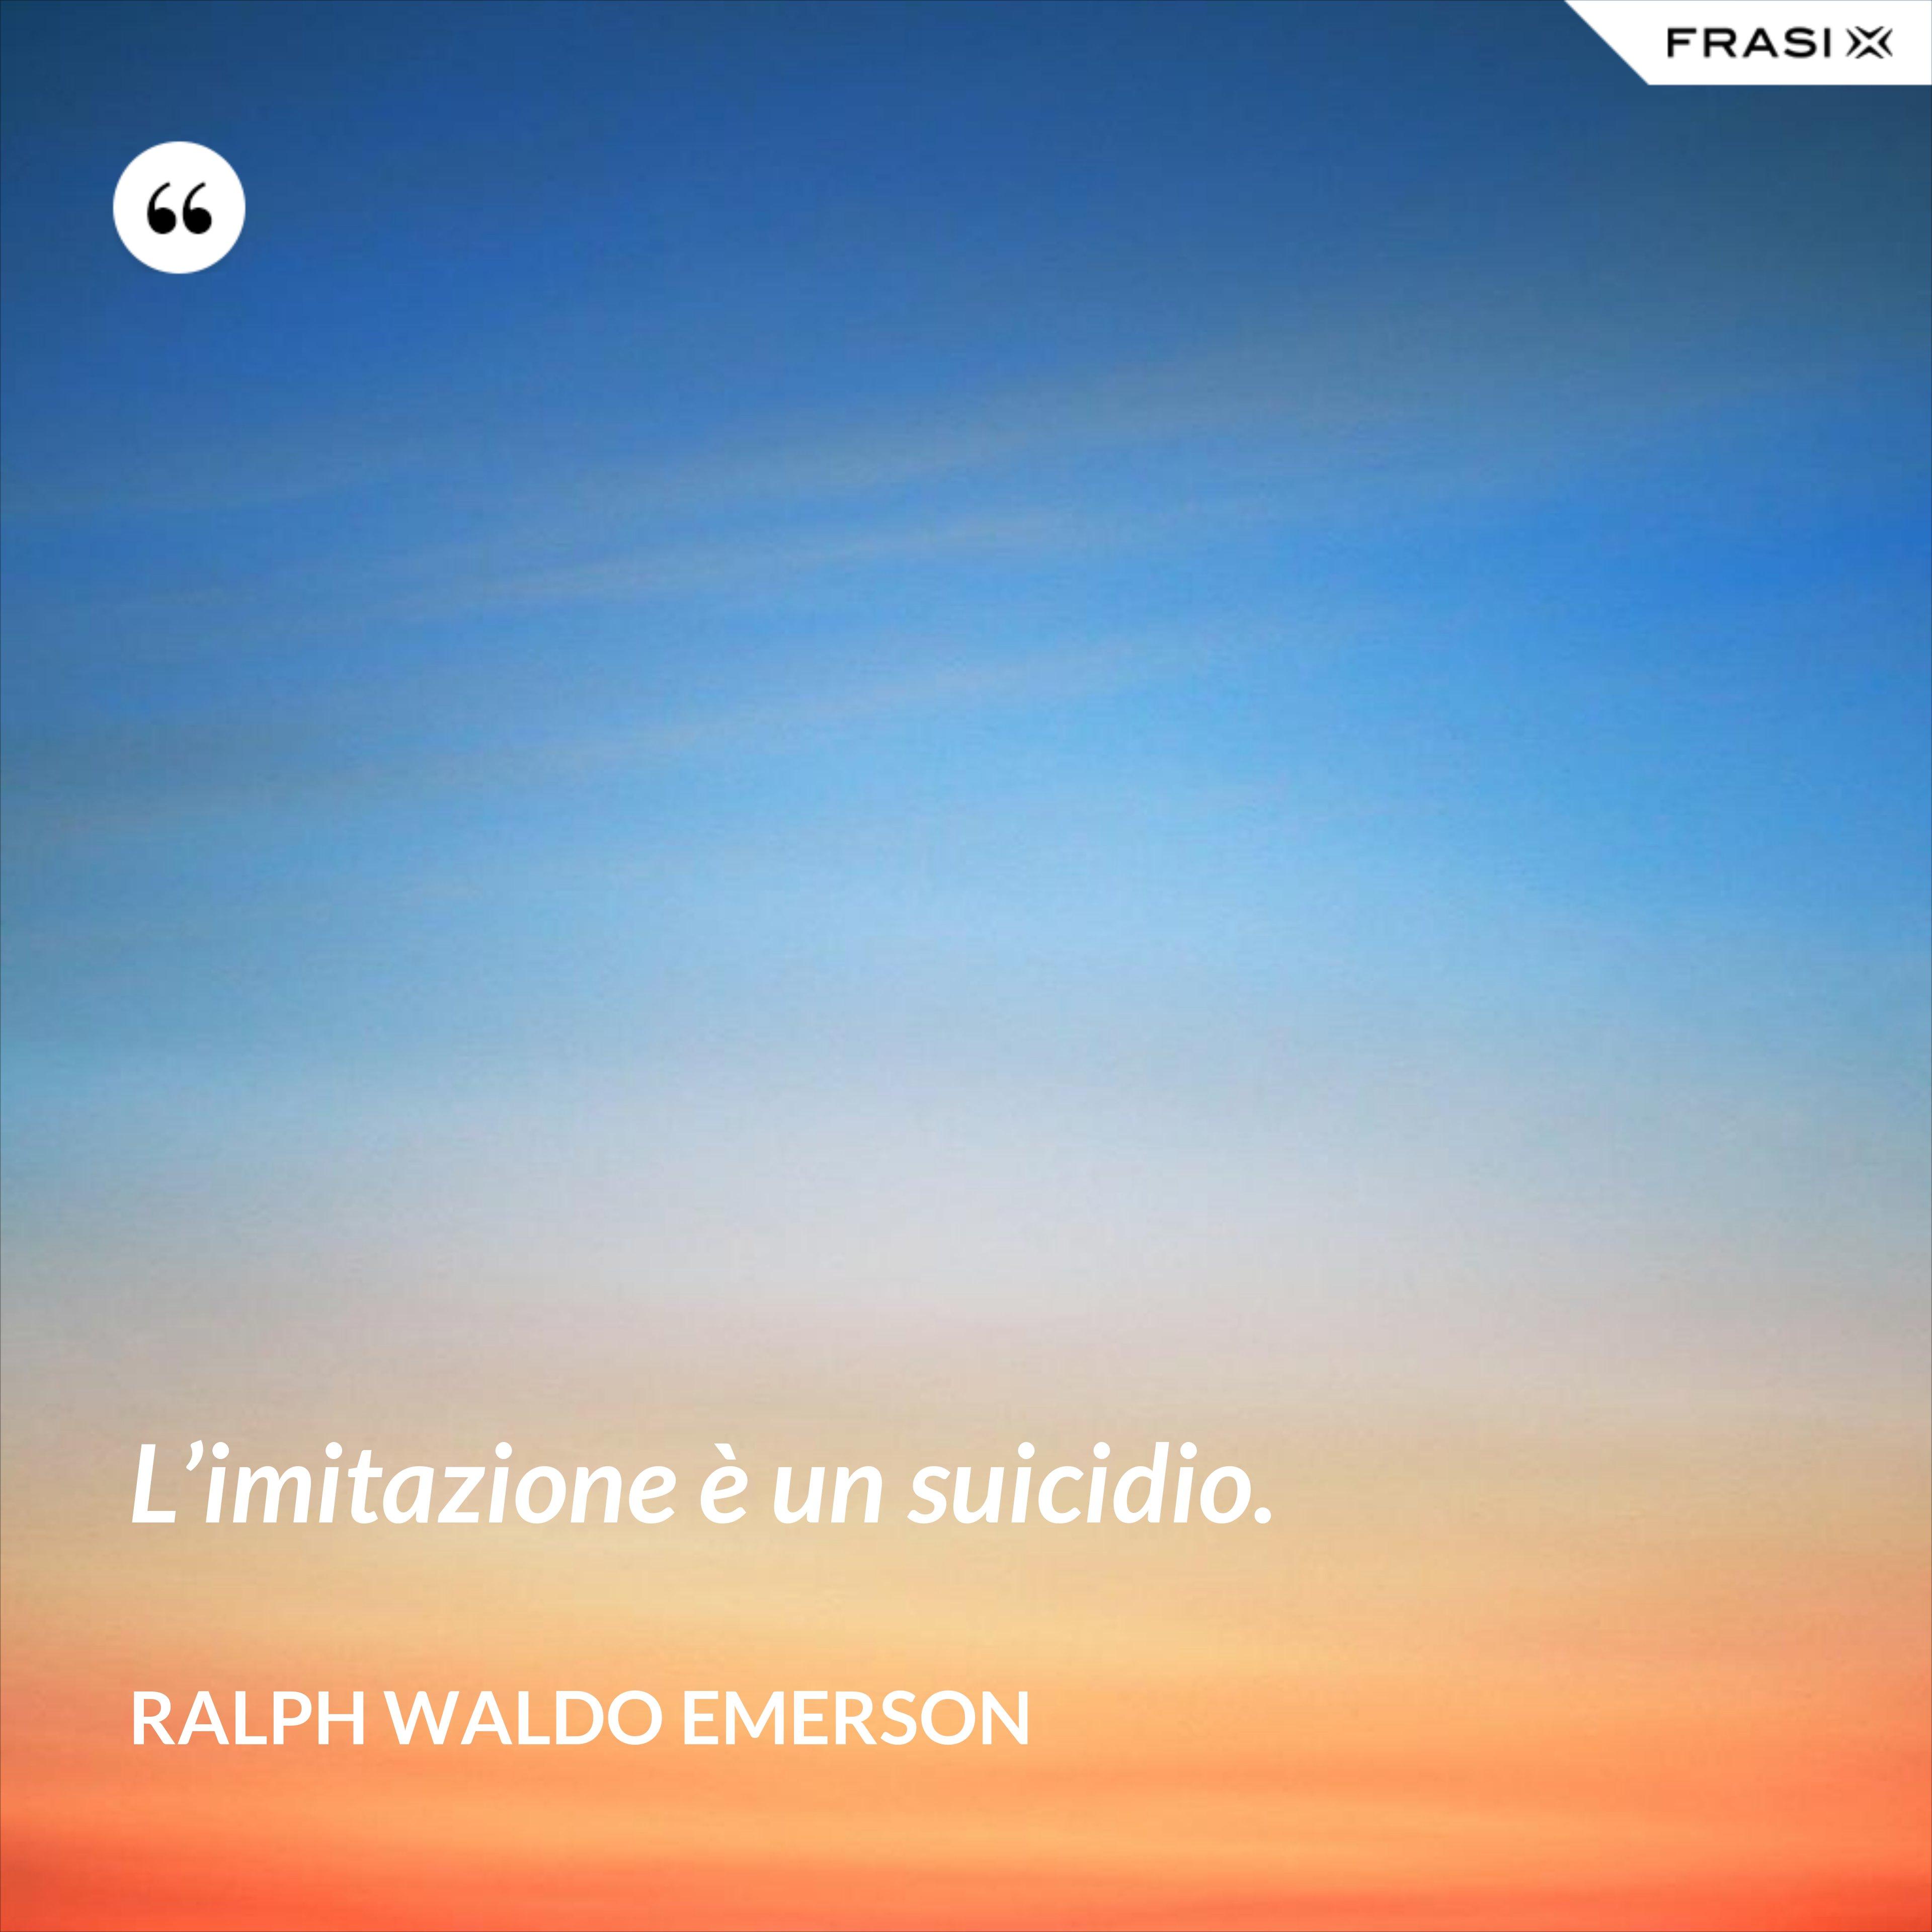 L'imitazione è un suicidio. - Ralph Waldo Emerson